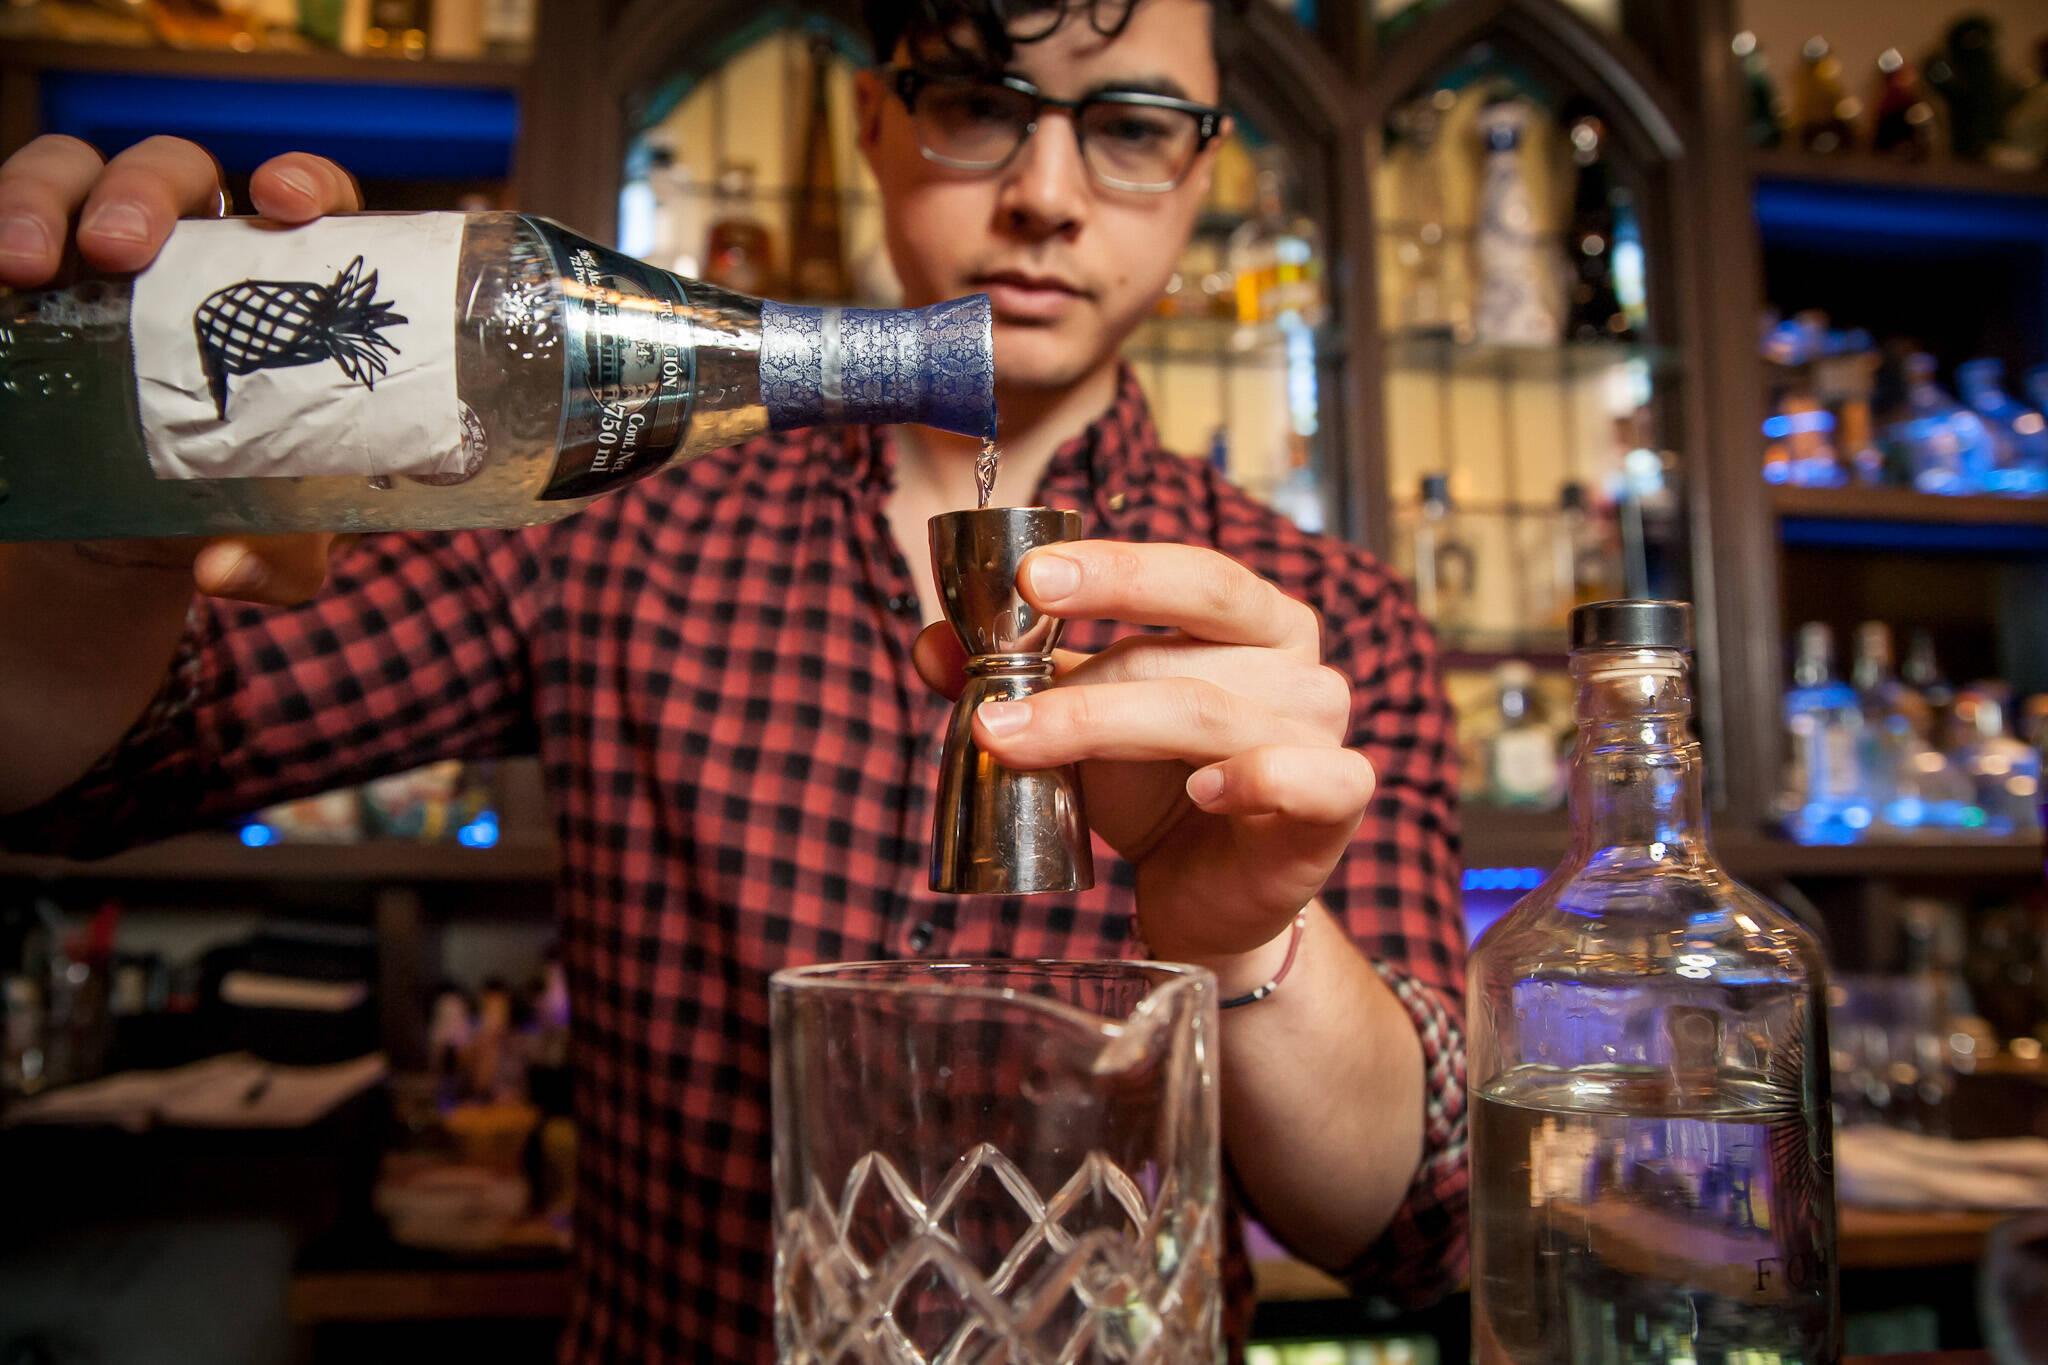 Tequila Toronto